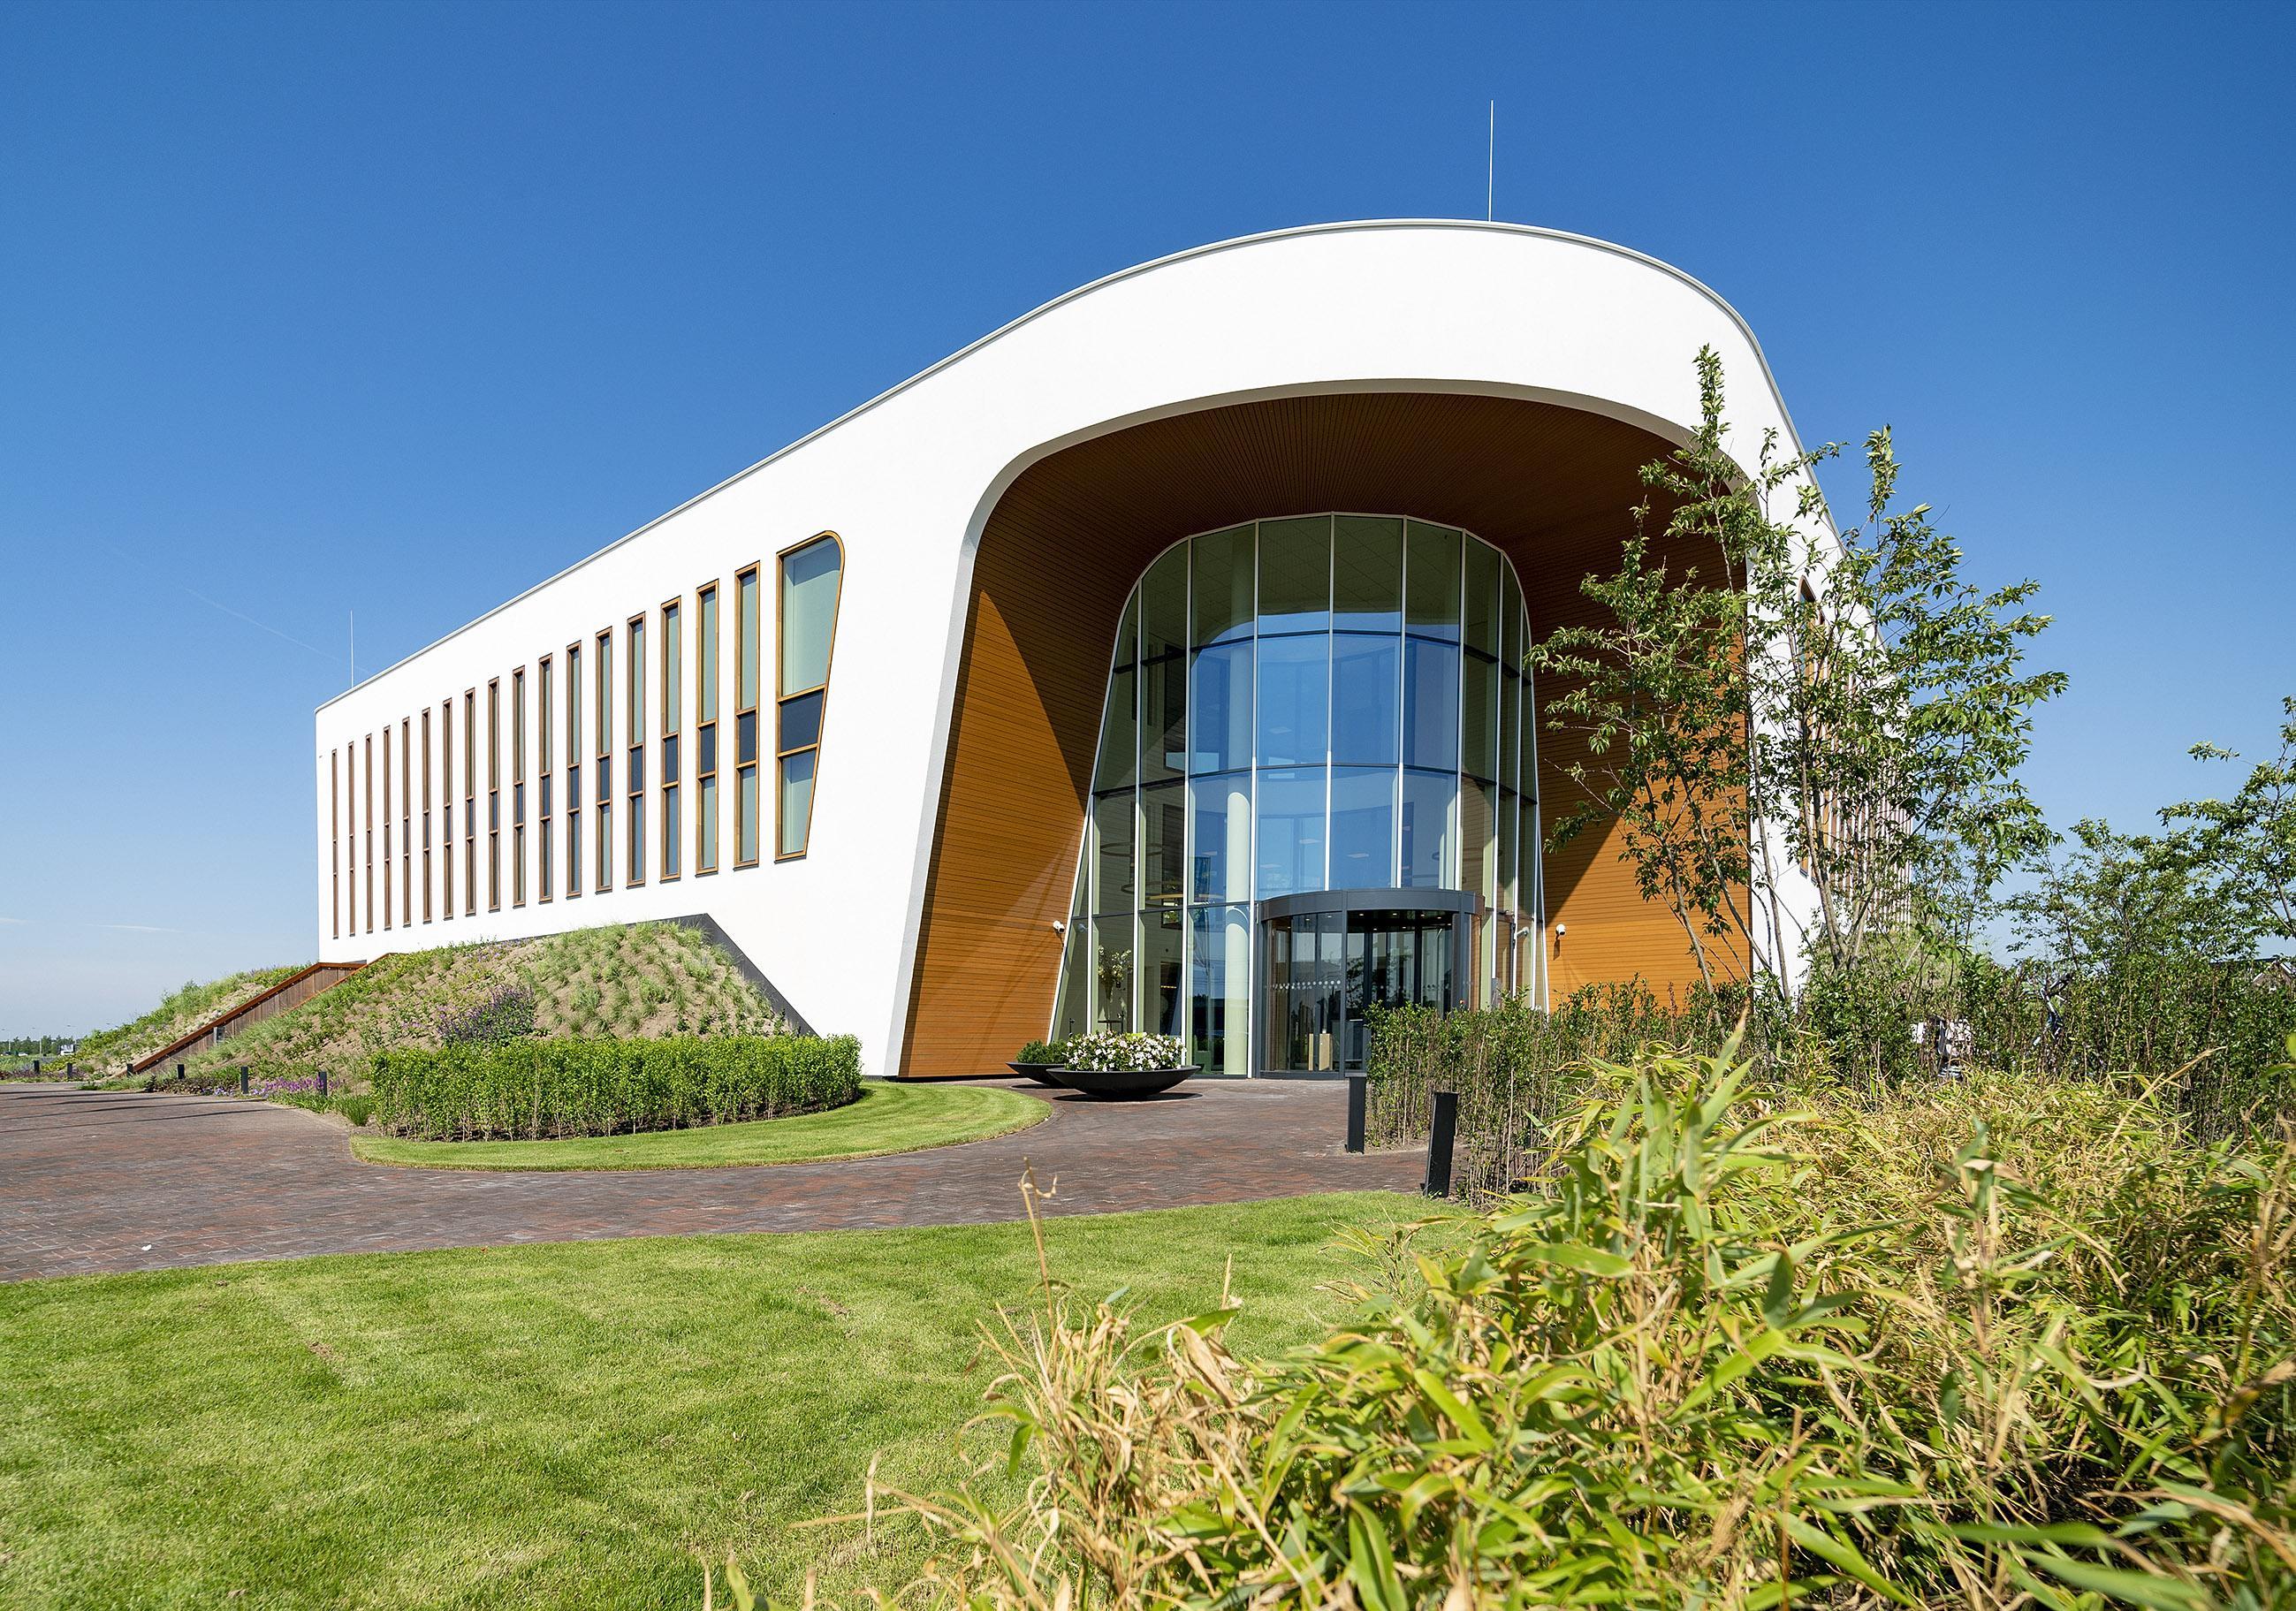 Oogcentrum Noordholland een echte 'eyecatcher'. 'Dit pand straalt rust uit, ruimte, een gevoel van veiligheid.' De deuren zijn nu geopend voor het publiek